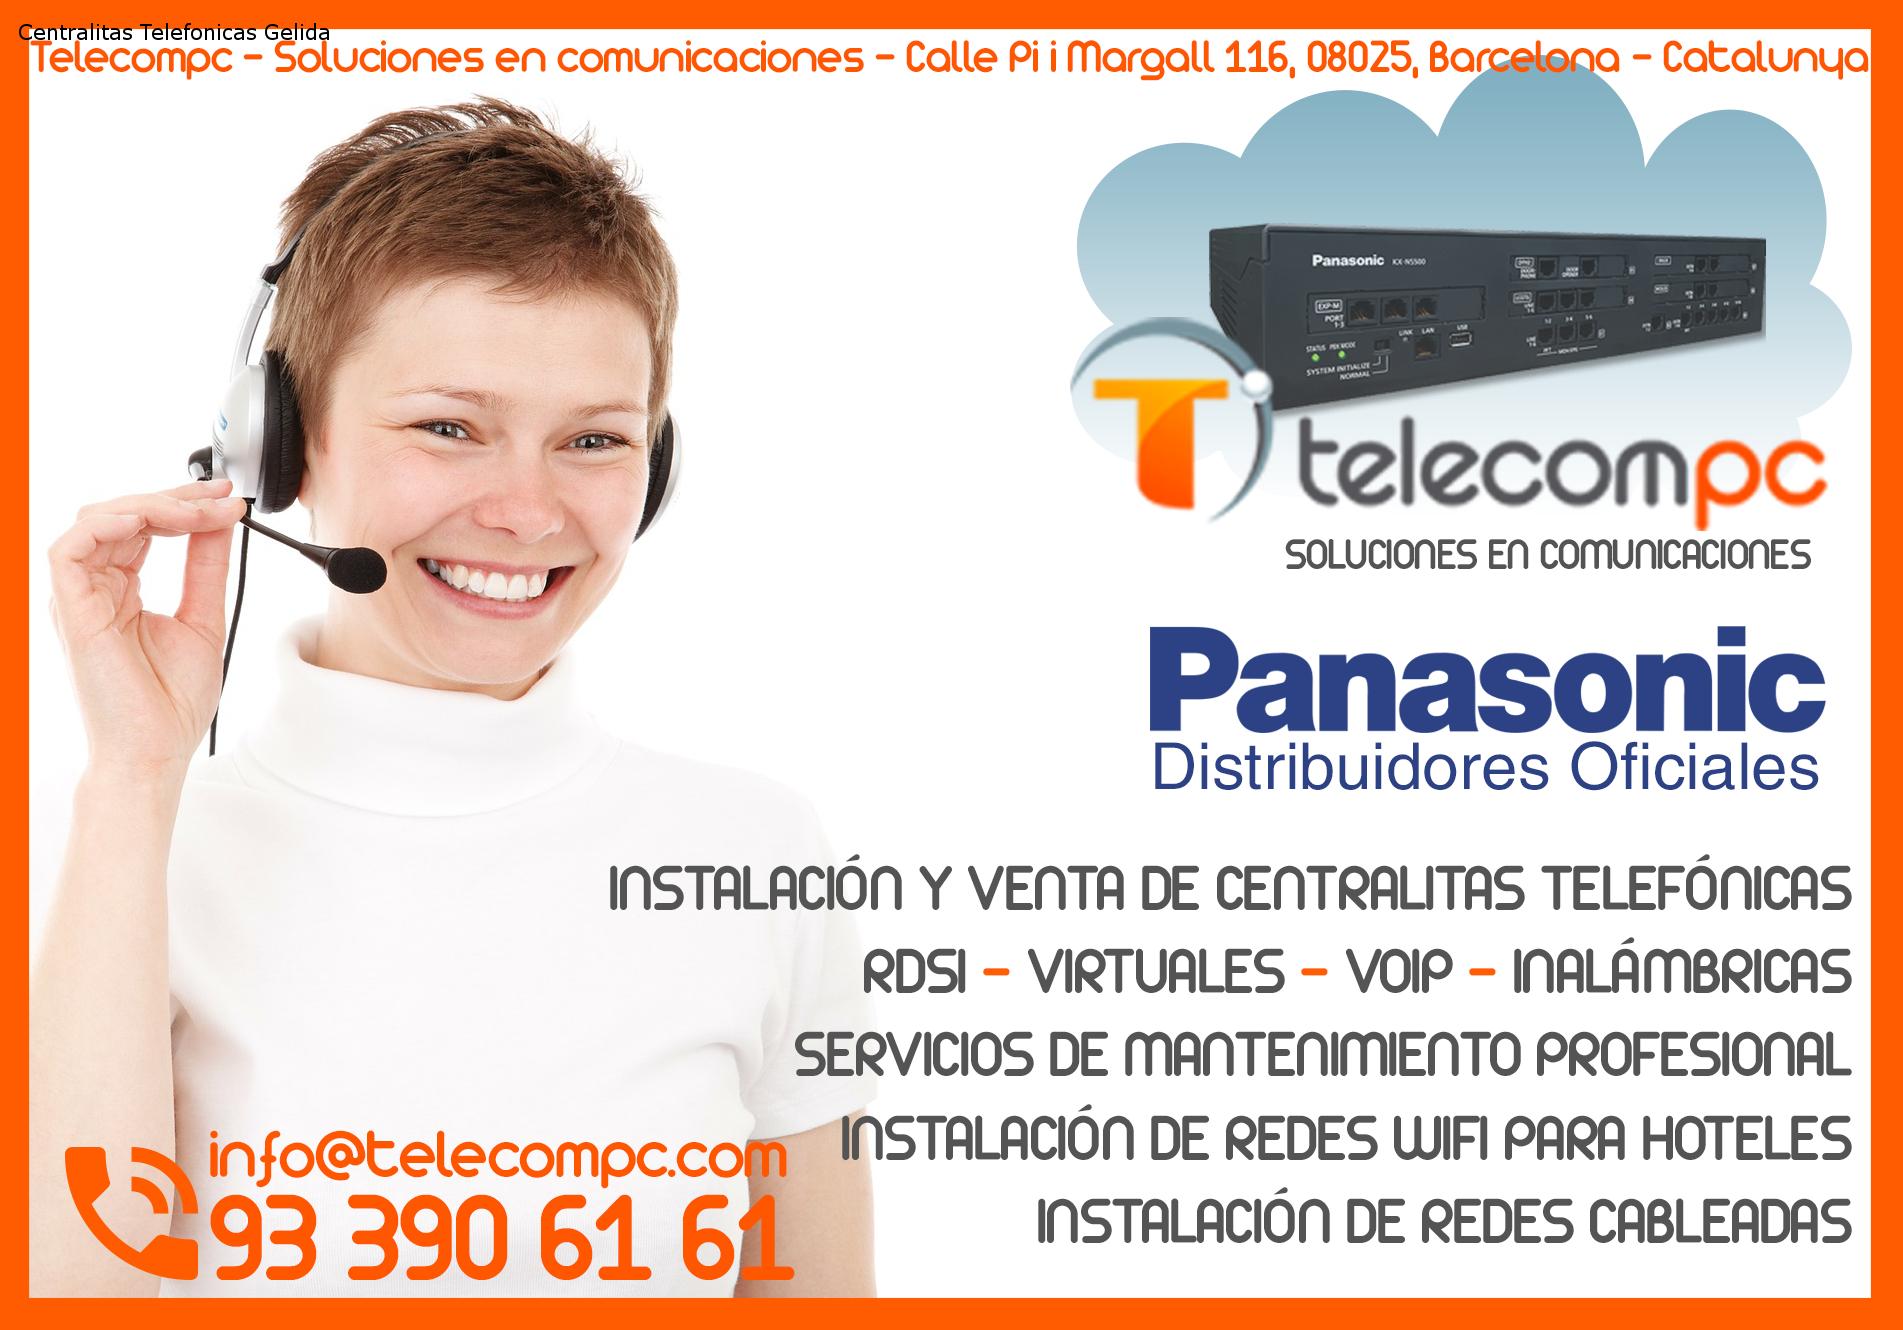 Centralitas Telefonicas Gelida